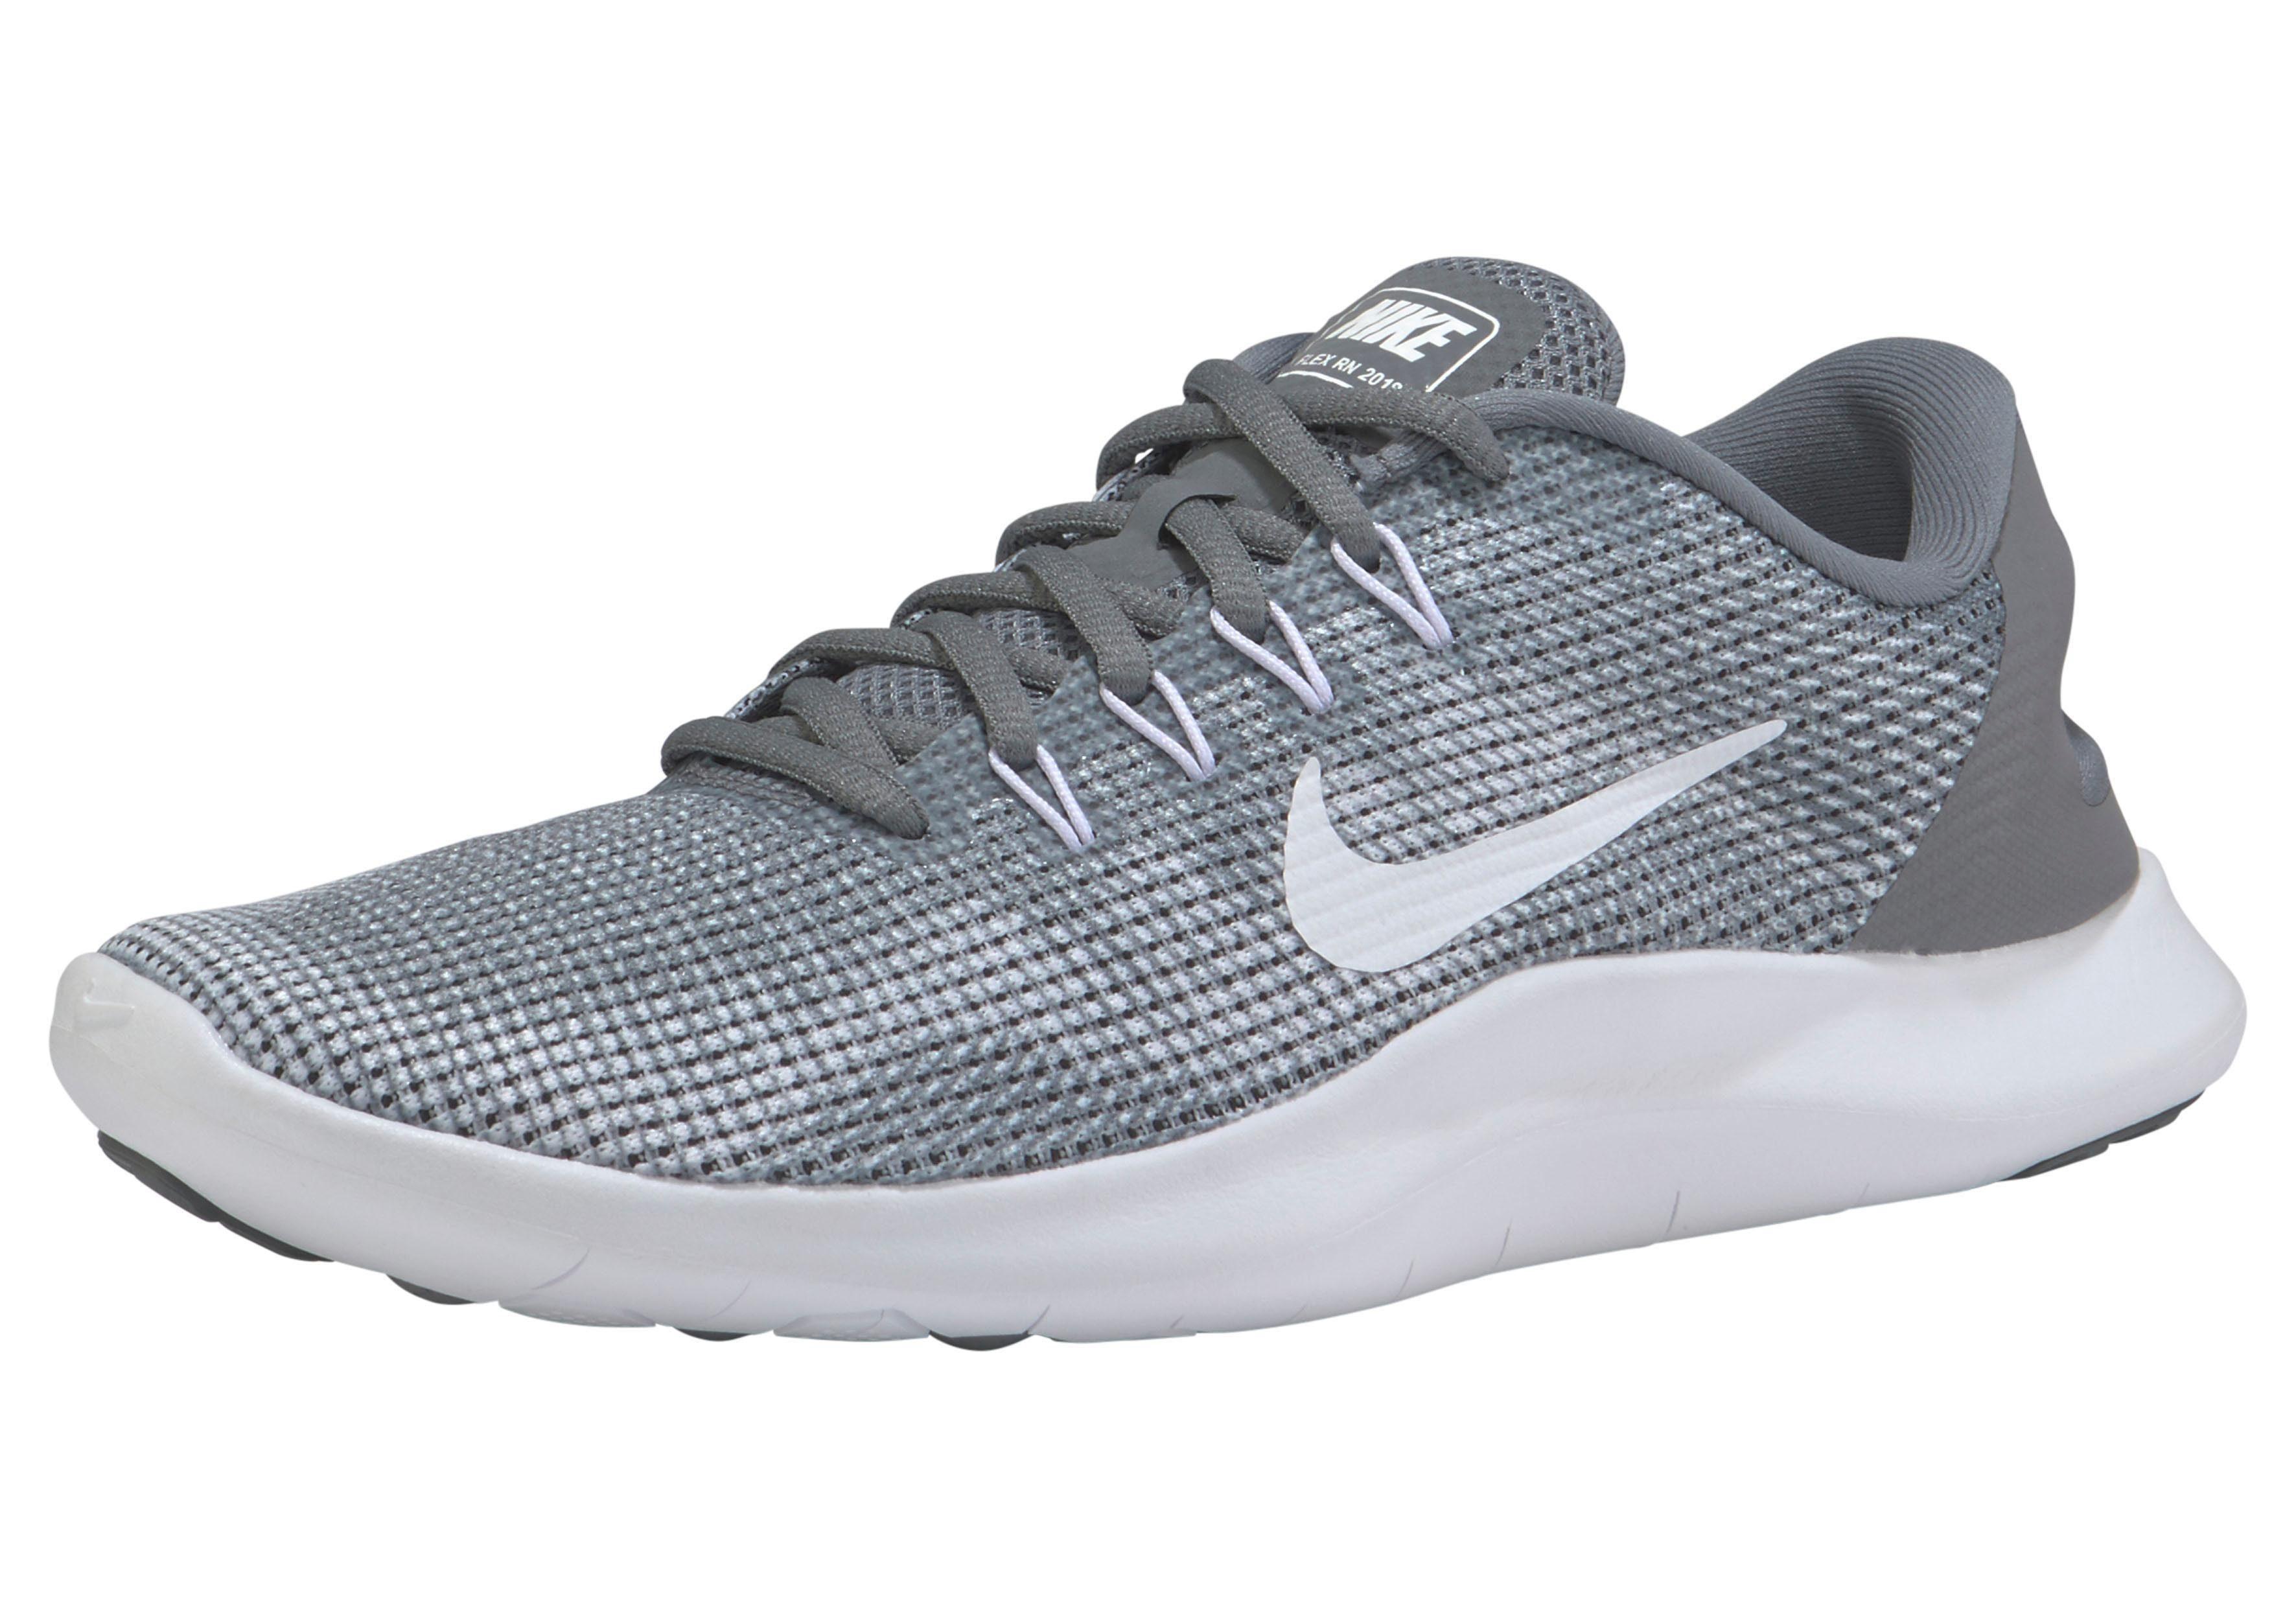 f1cd3957e4d24 Nike schoenen online kopen | Fashionchick.nl